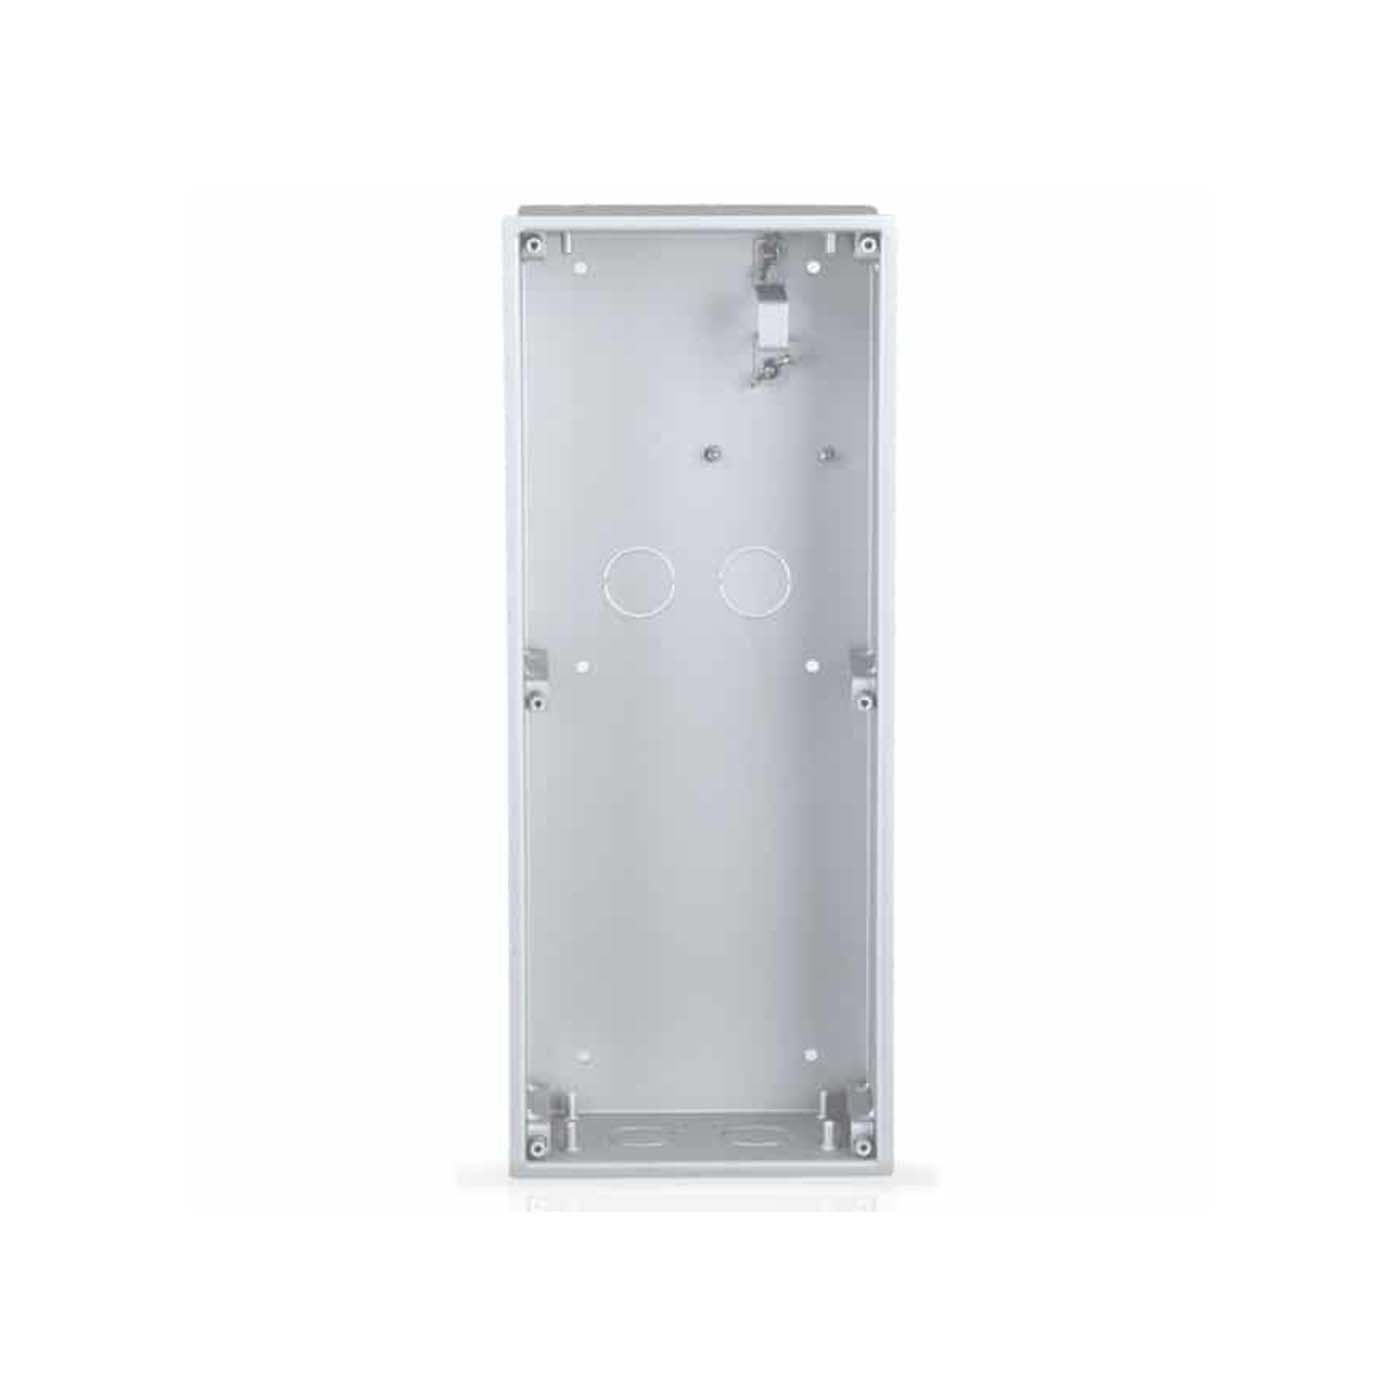 3er Unterputzdose - Hybrid Türsprechanlage Anthrazit